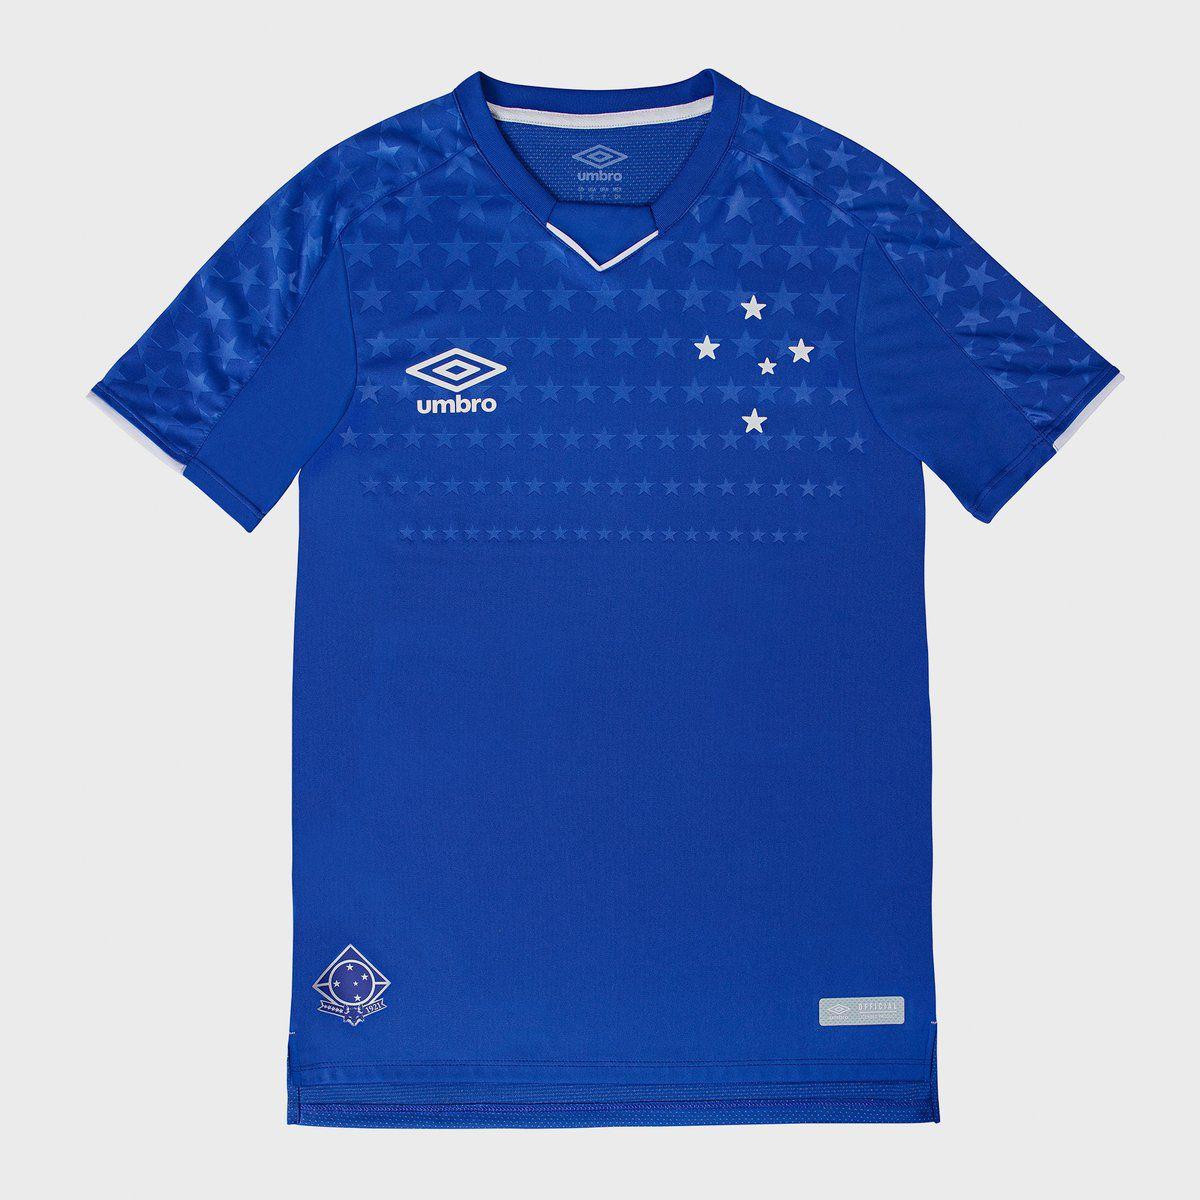 47d8cc279 Camisa Cruzeiro 2019 I S N Umbro Classic Feminina - Azul - Camarote ...